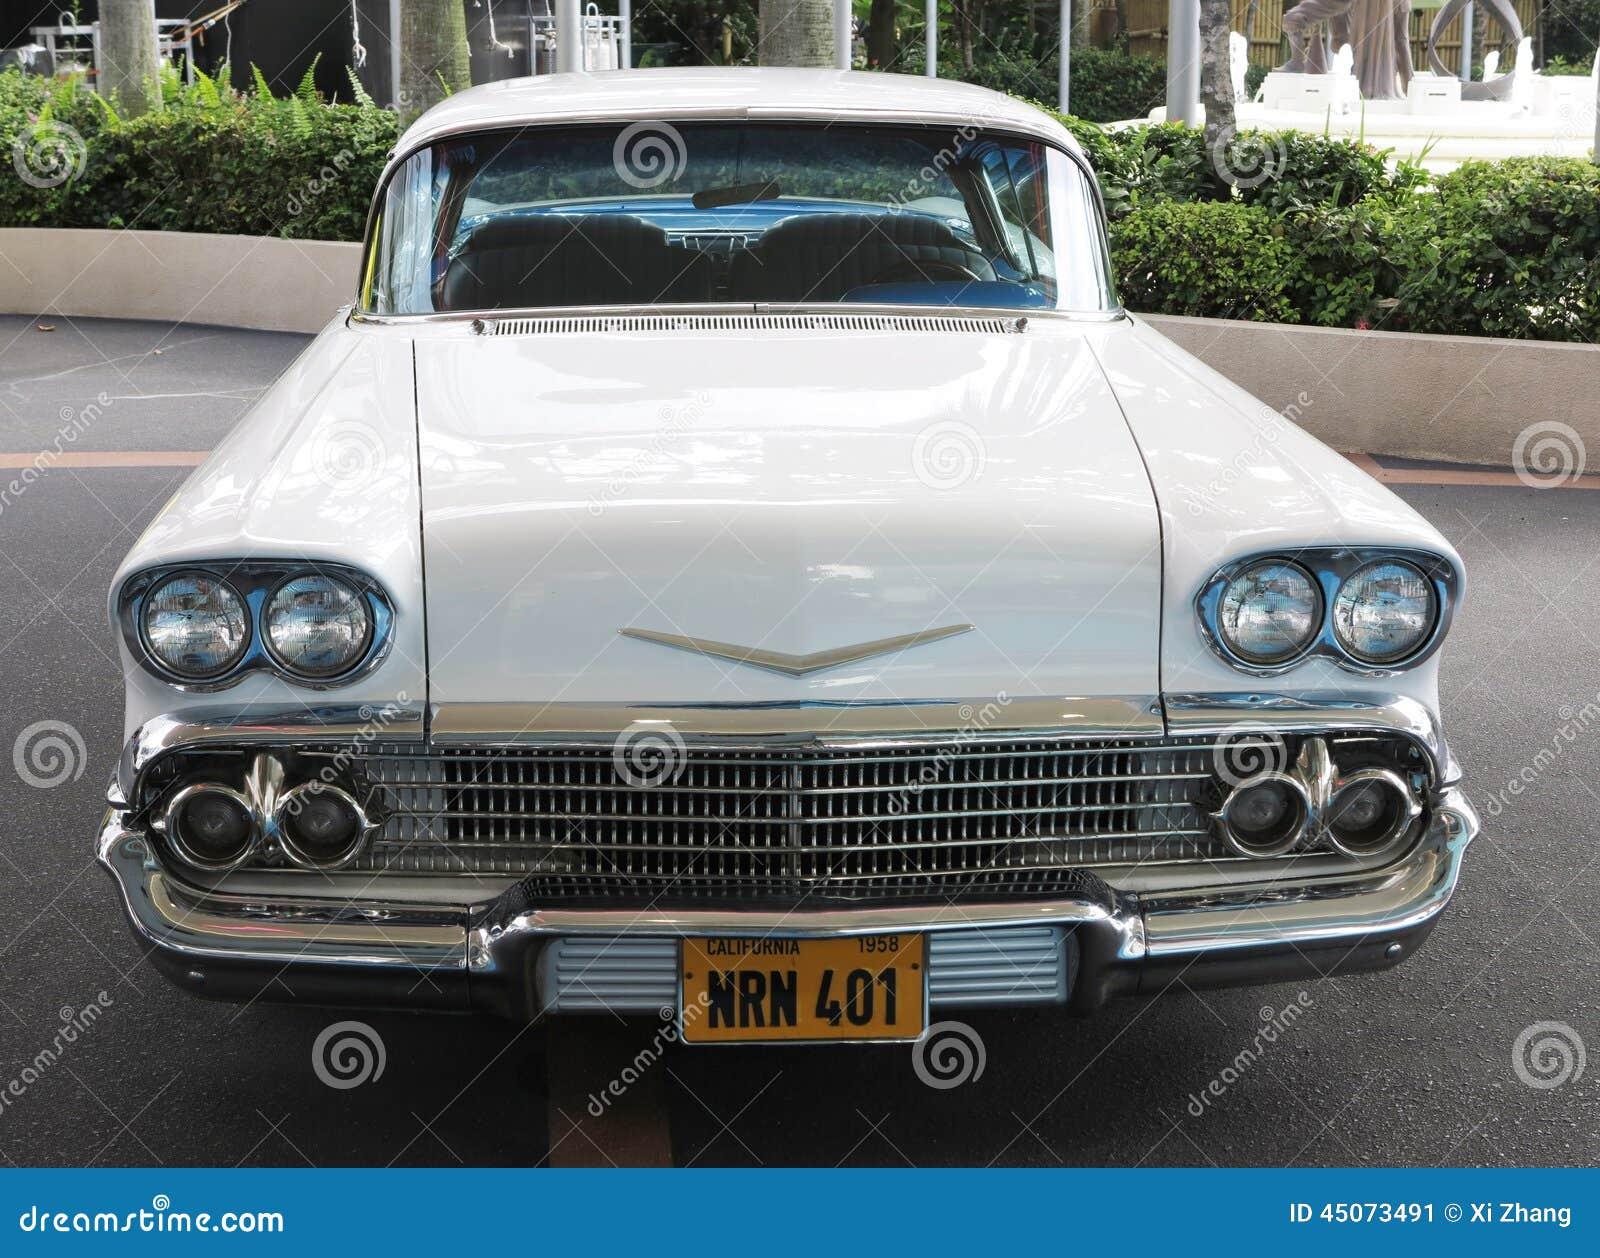 Vieille voiture de cadillac photo ditorial image 45073491 - Image de vieille voiture ...